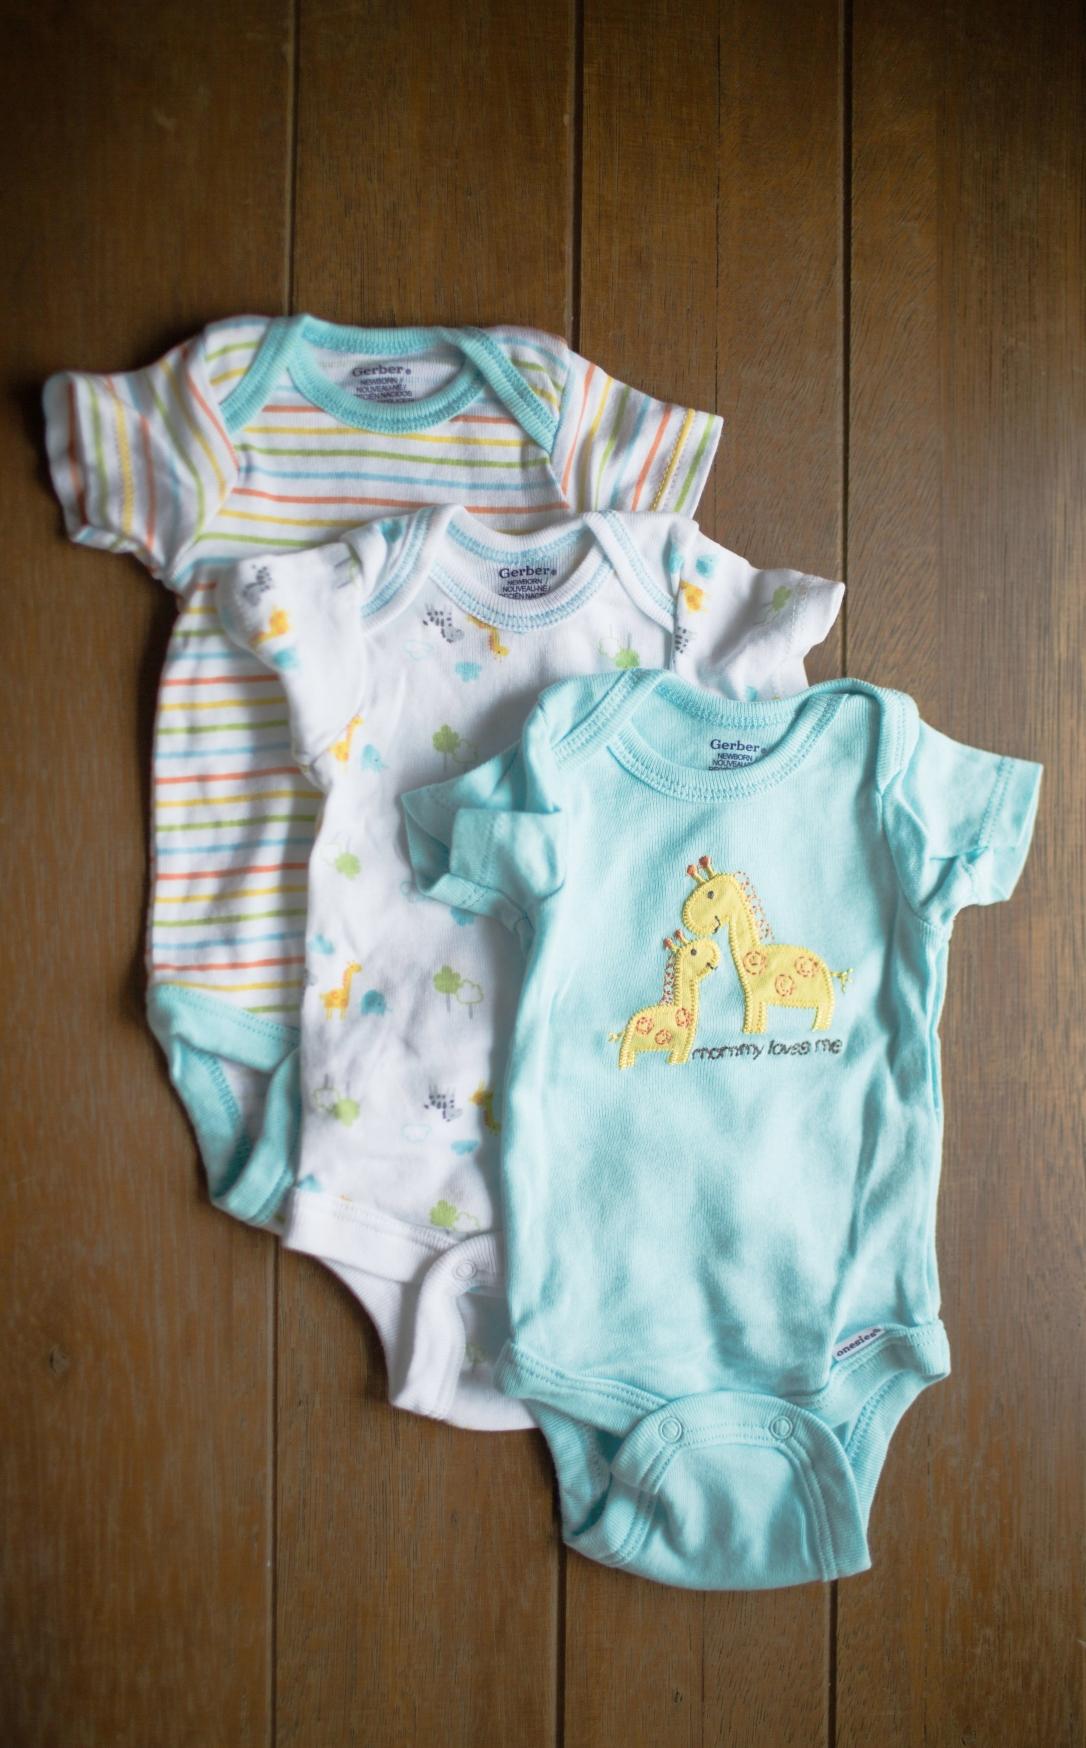 Gerber Newborn Baby Boy or Girl Assorted Short Sleeve Onesies, Gender Neutral 3-Pack